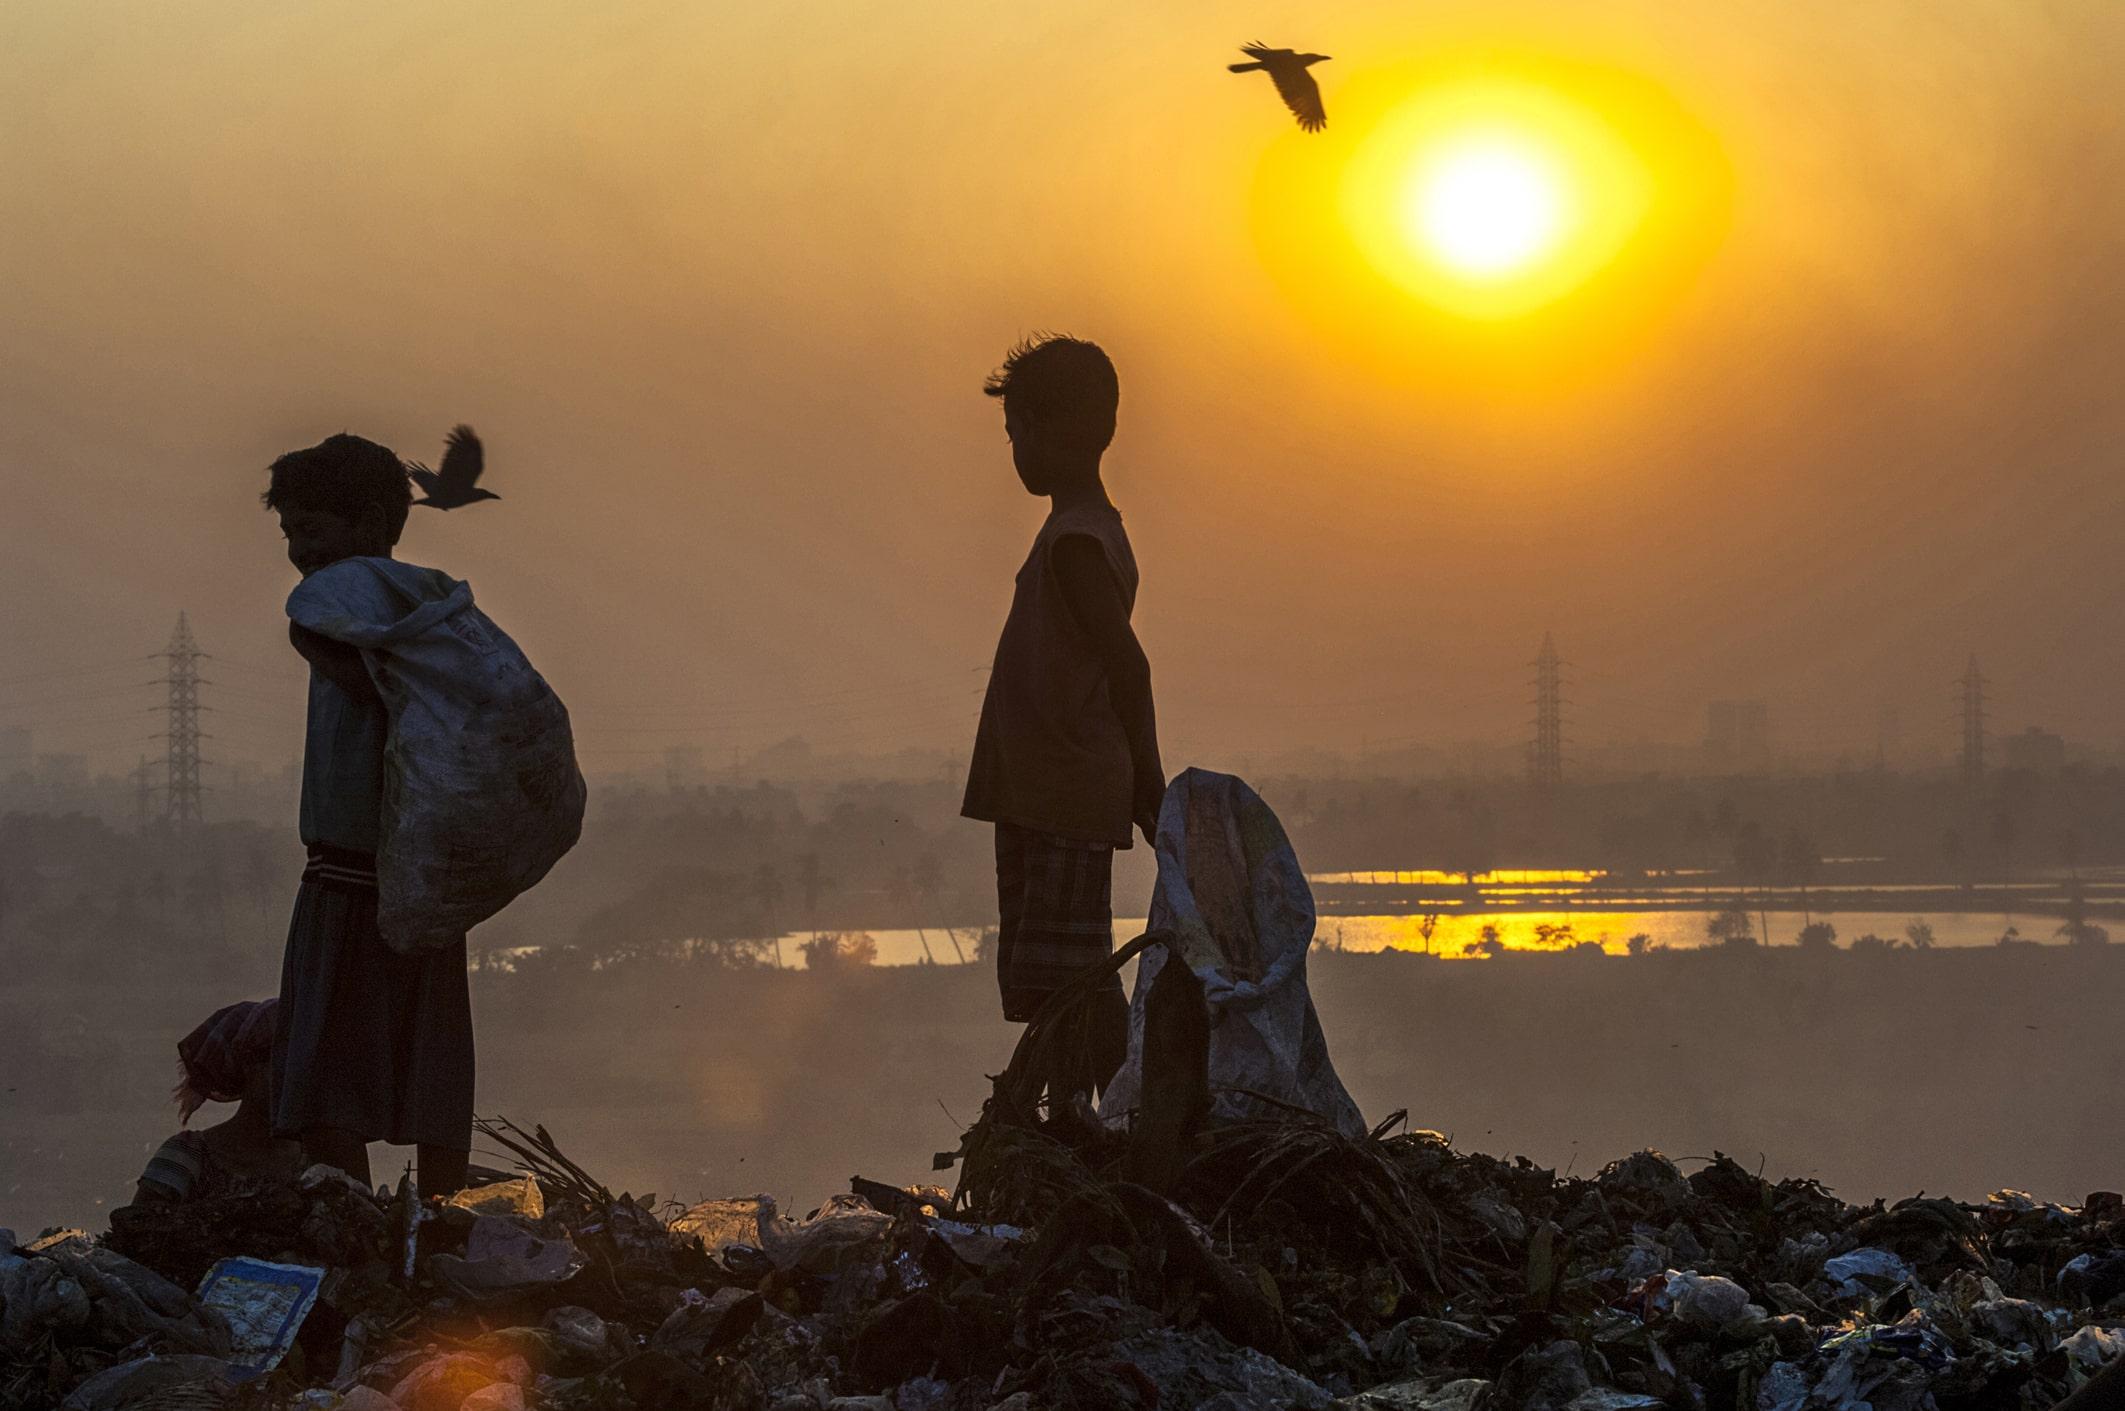 Efectele nefaste ale pandemiei. Sute de milioane de oameni au nevoie de ajutor să supraviețuiască